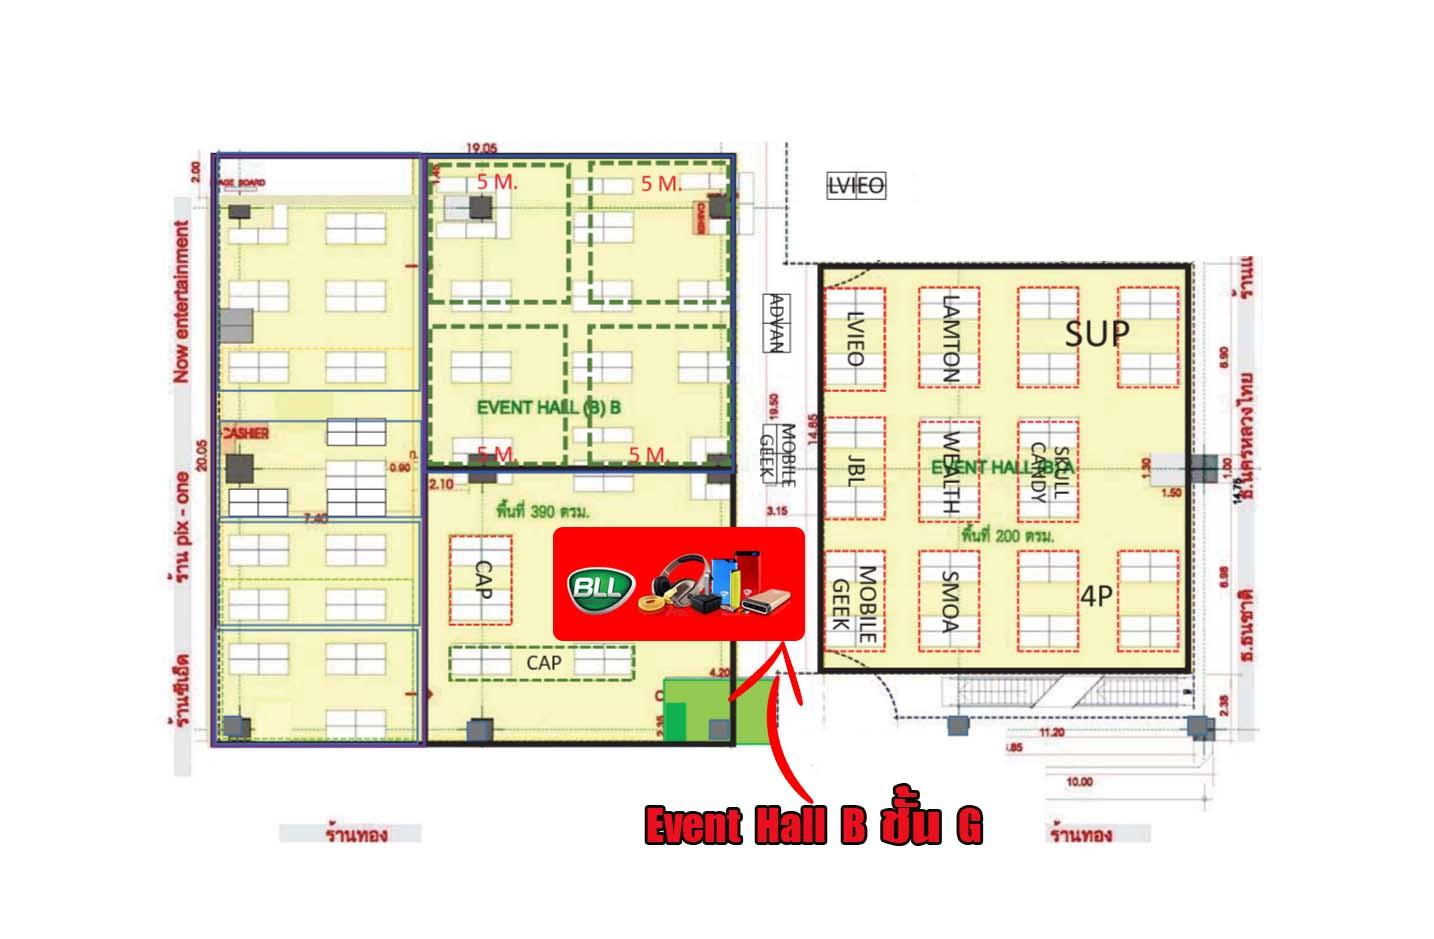 งานขายลดราคา BLL 9-15 พค 62 The Mall ท่าพระ ชั้น G